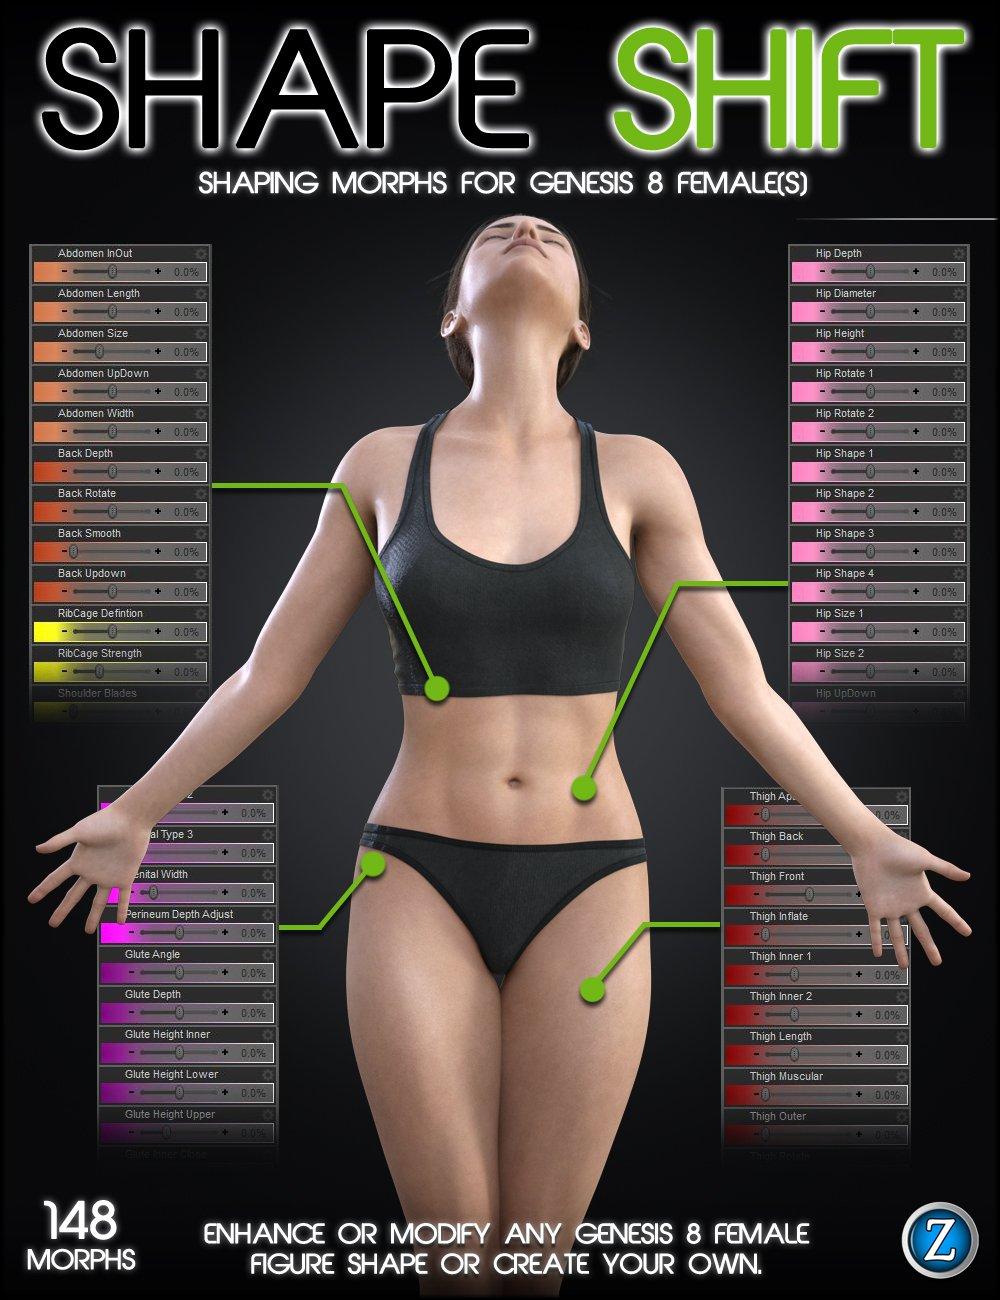 Shape Shift for Genesis 8 Female(s) by: Zev0, 3D Models by Daz 3D